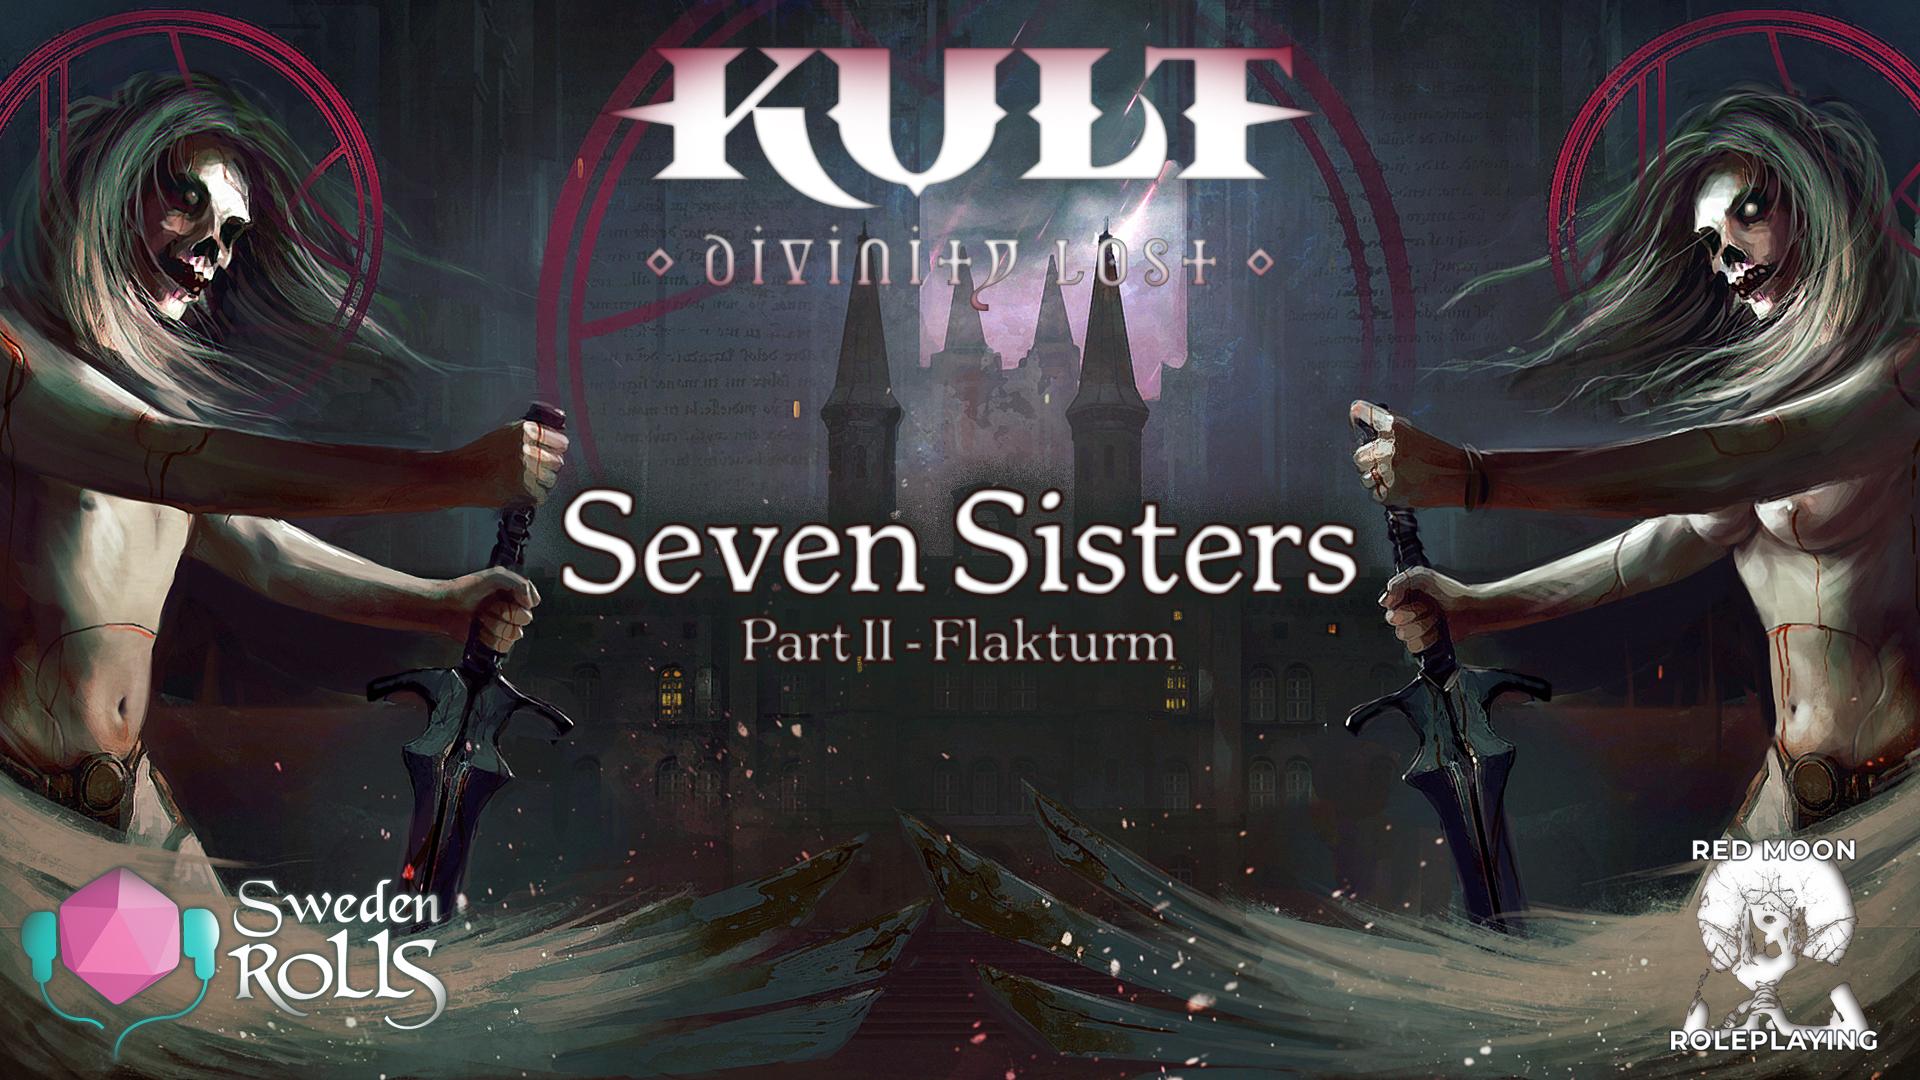 SEVEN_SISTERS_02.jpg